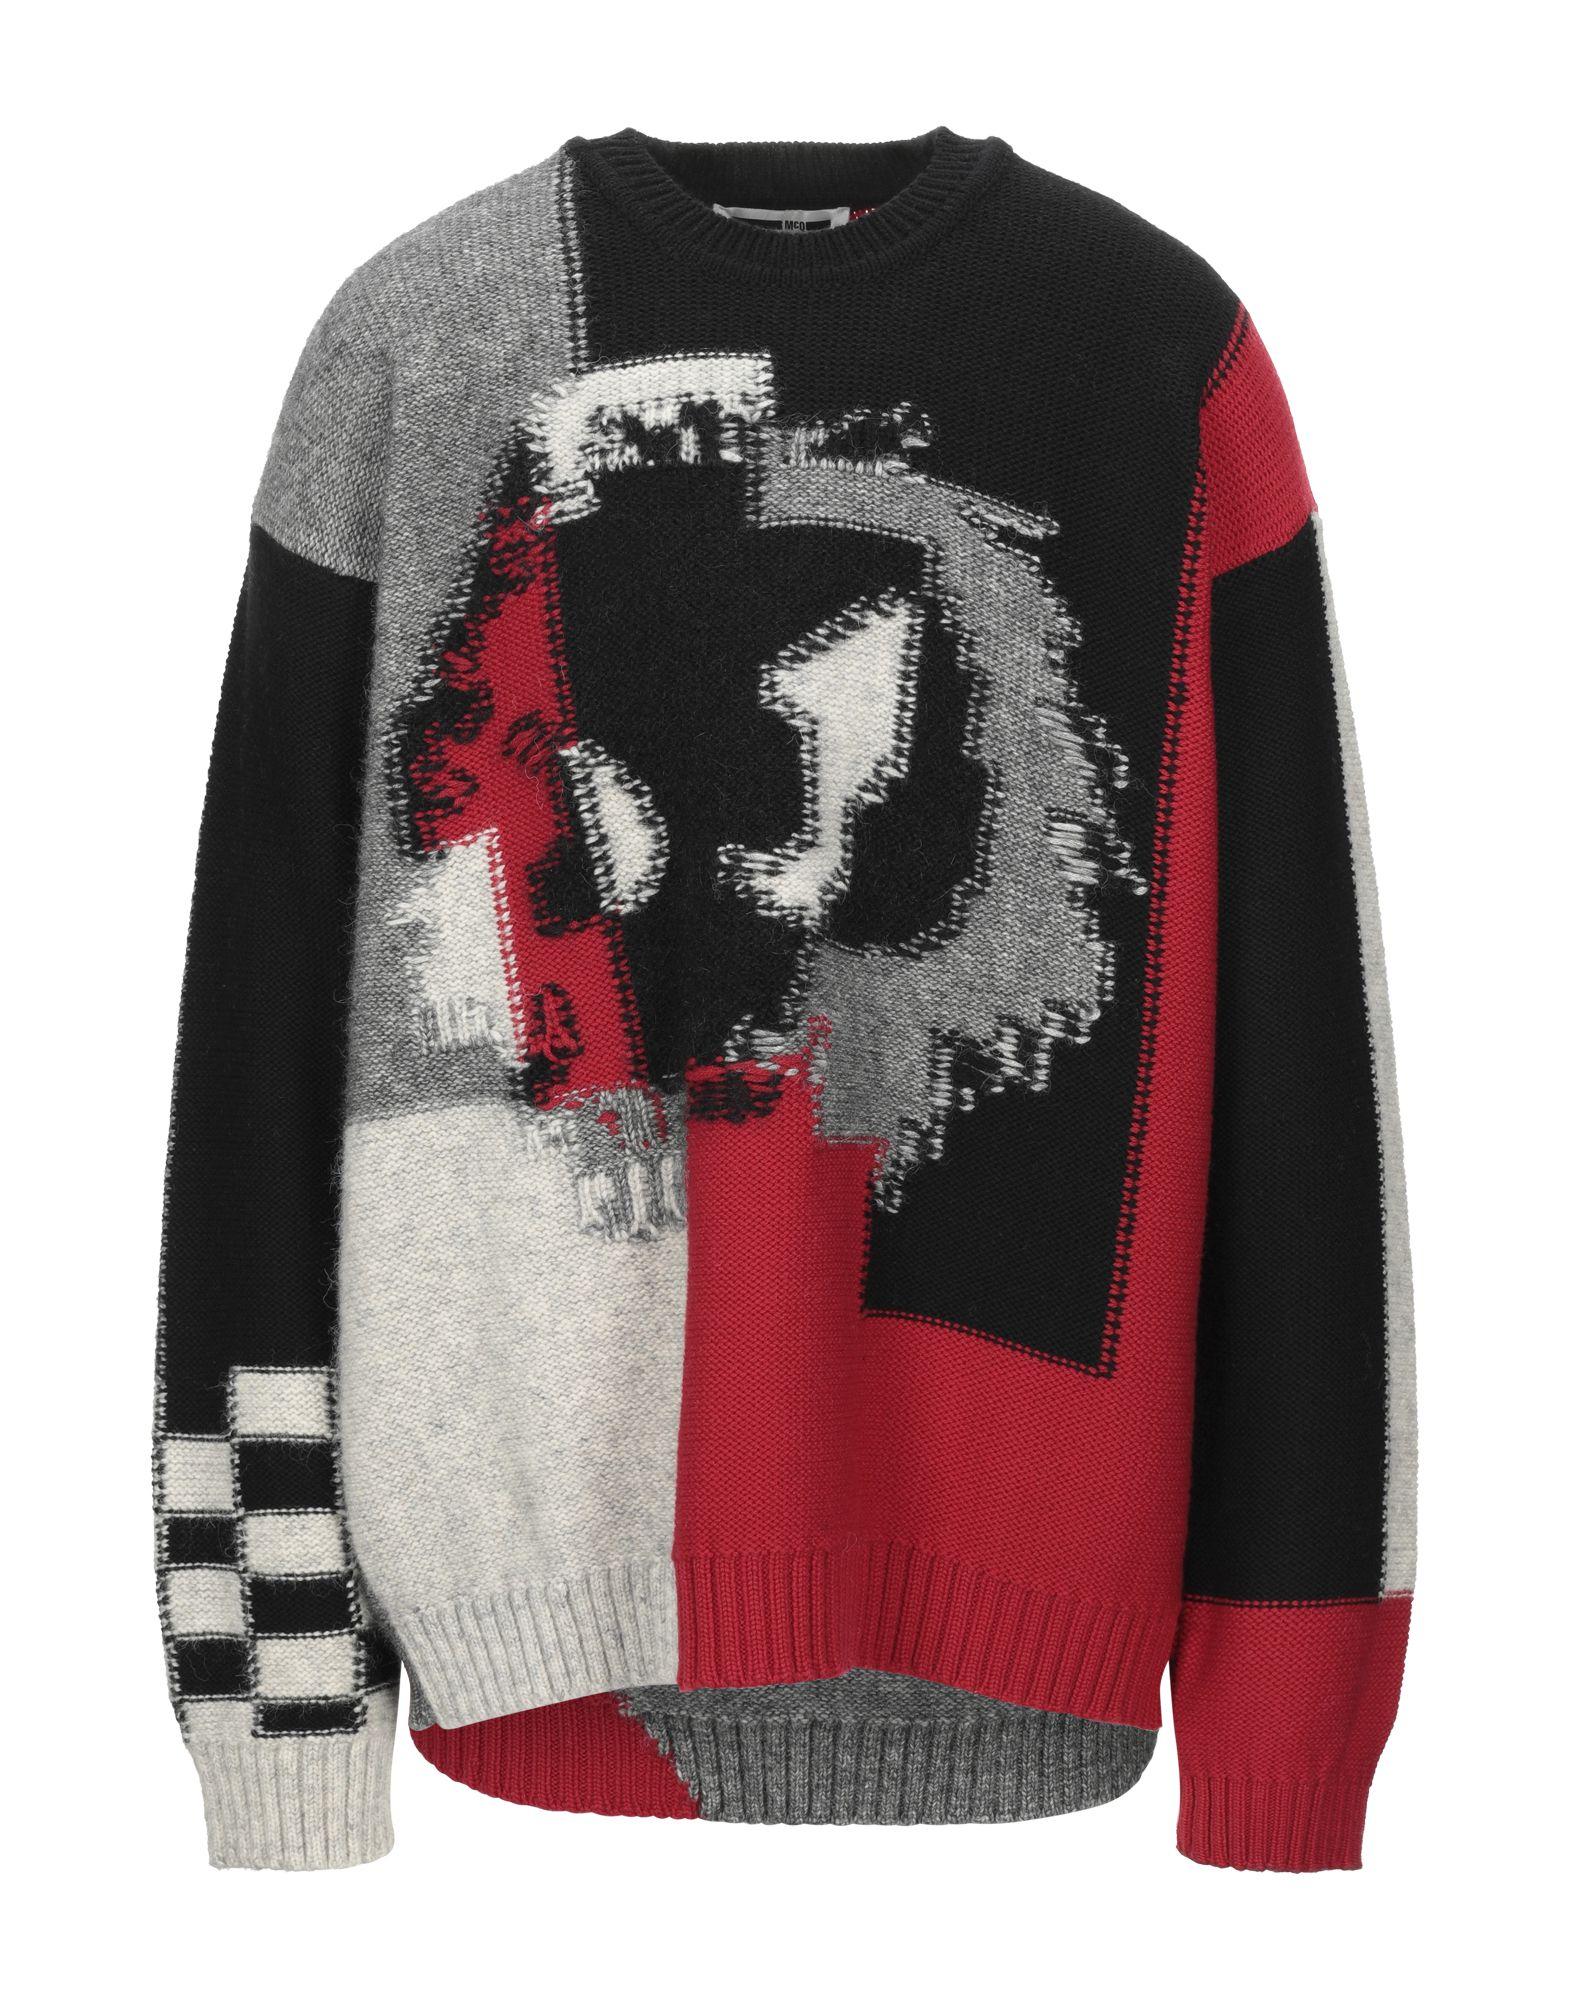 McQ Alexander McQueen Sweaters - Item 14044703